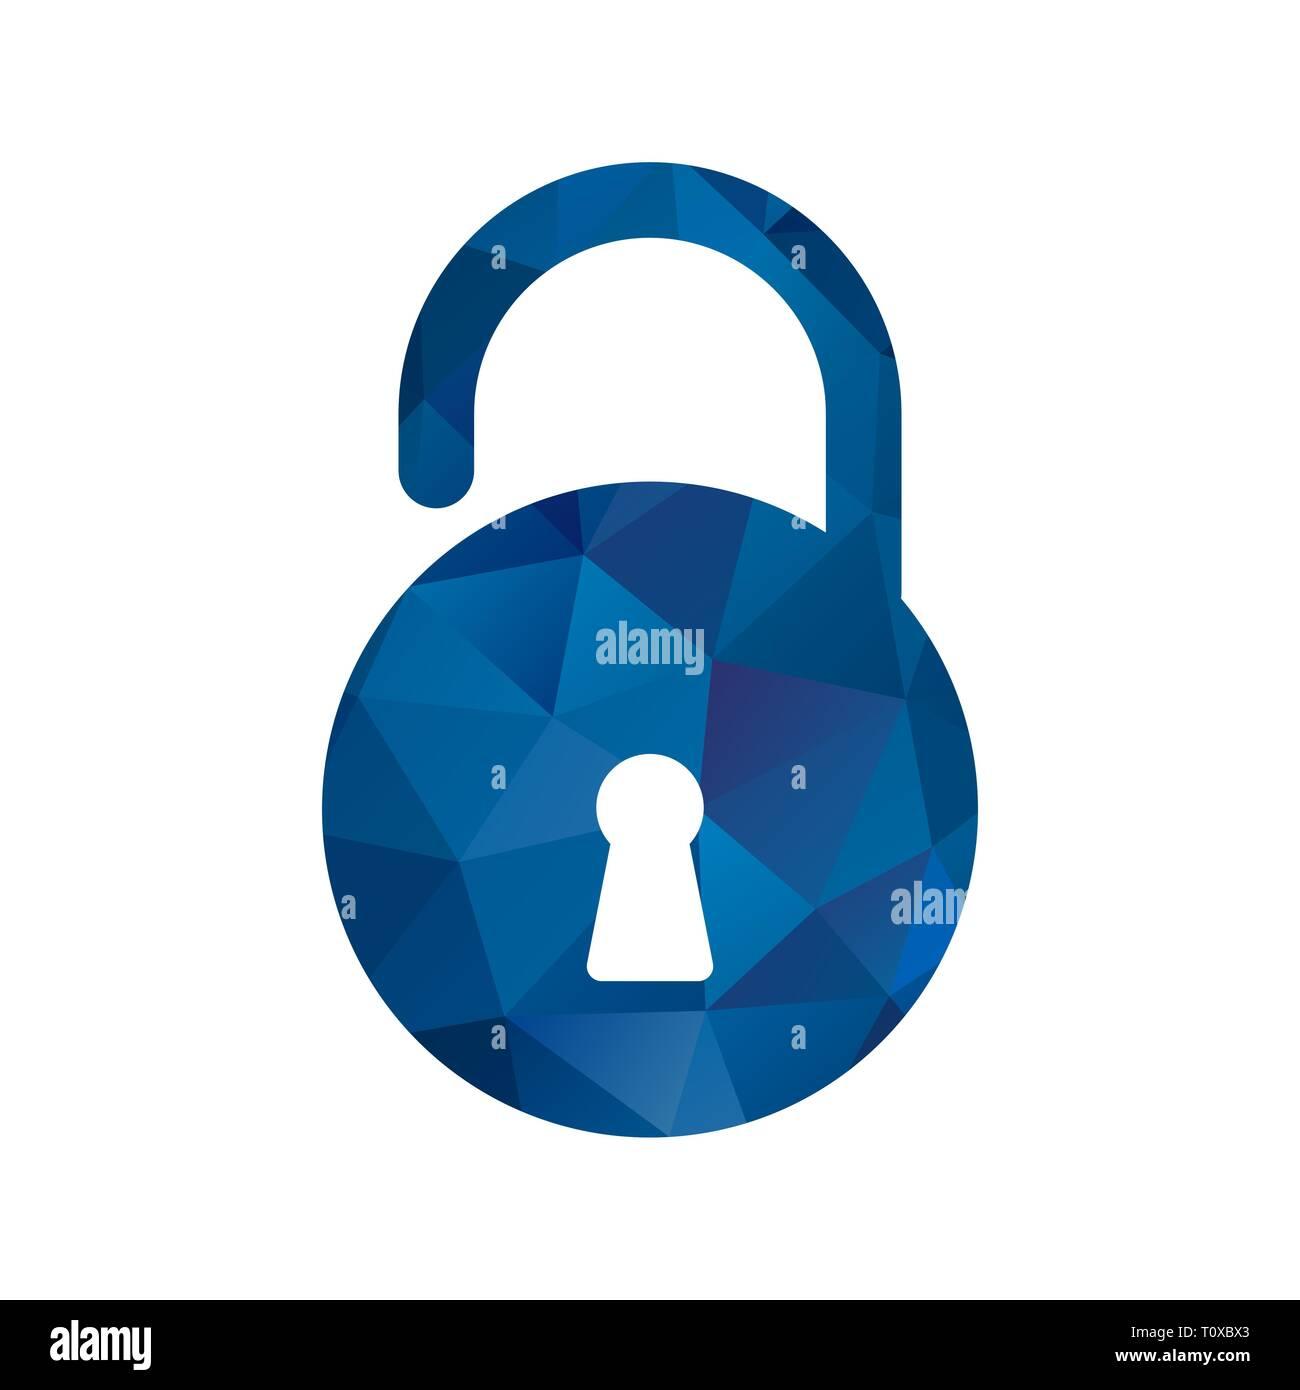 Illustration Unlock Icon Stock Photo